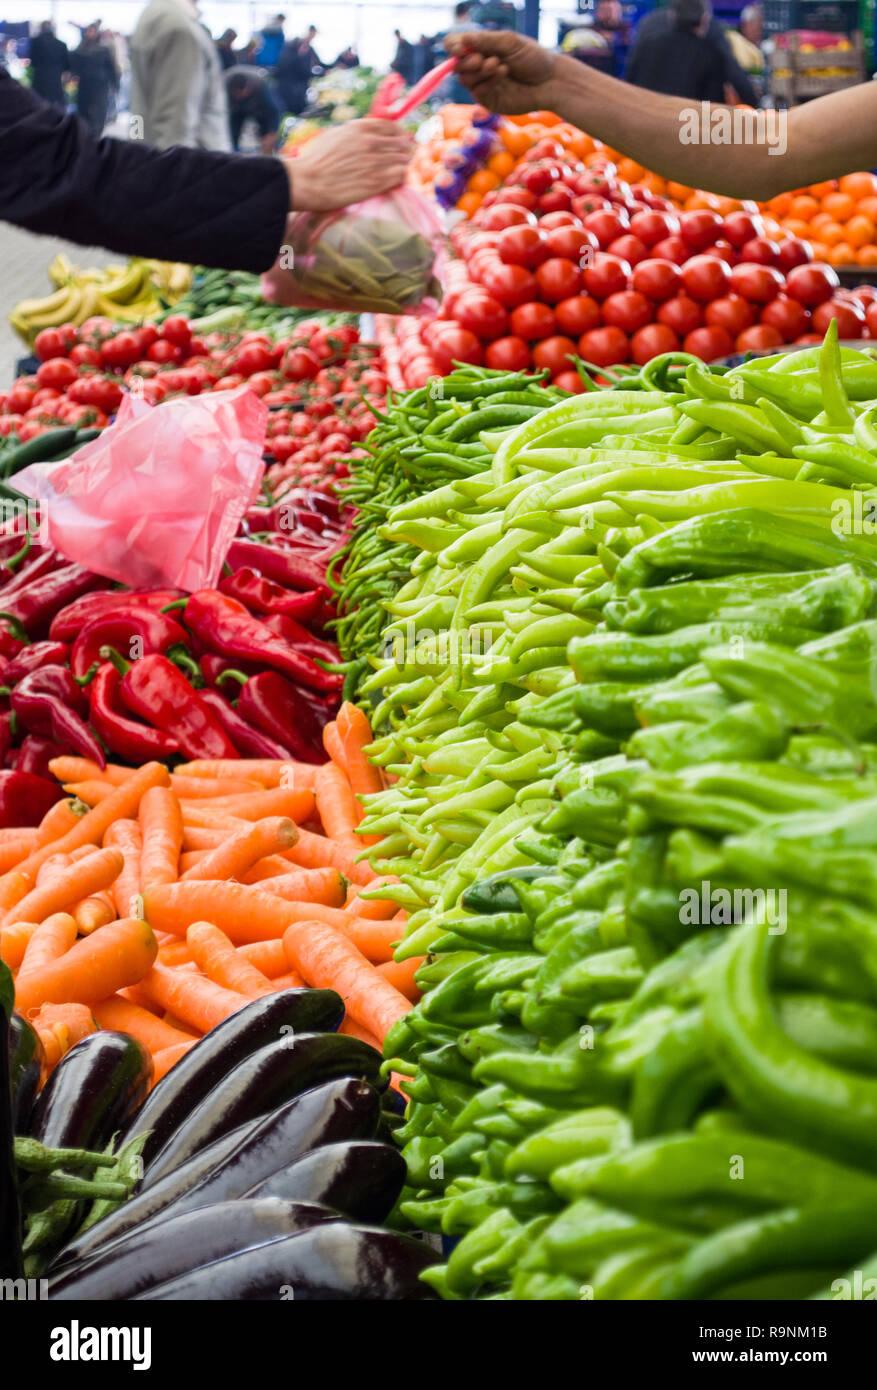 Verduras frescas y orgánicas en el mercado de los agricultores. Mano del comprador y mano del vendedor sobre fondo borroso. Foto de stock